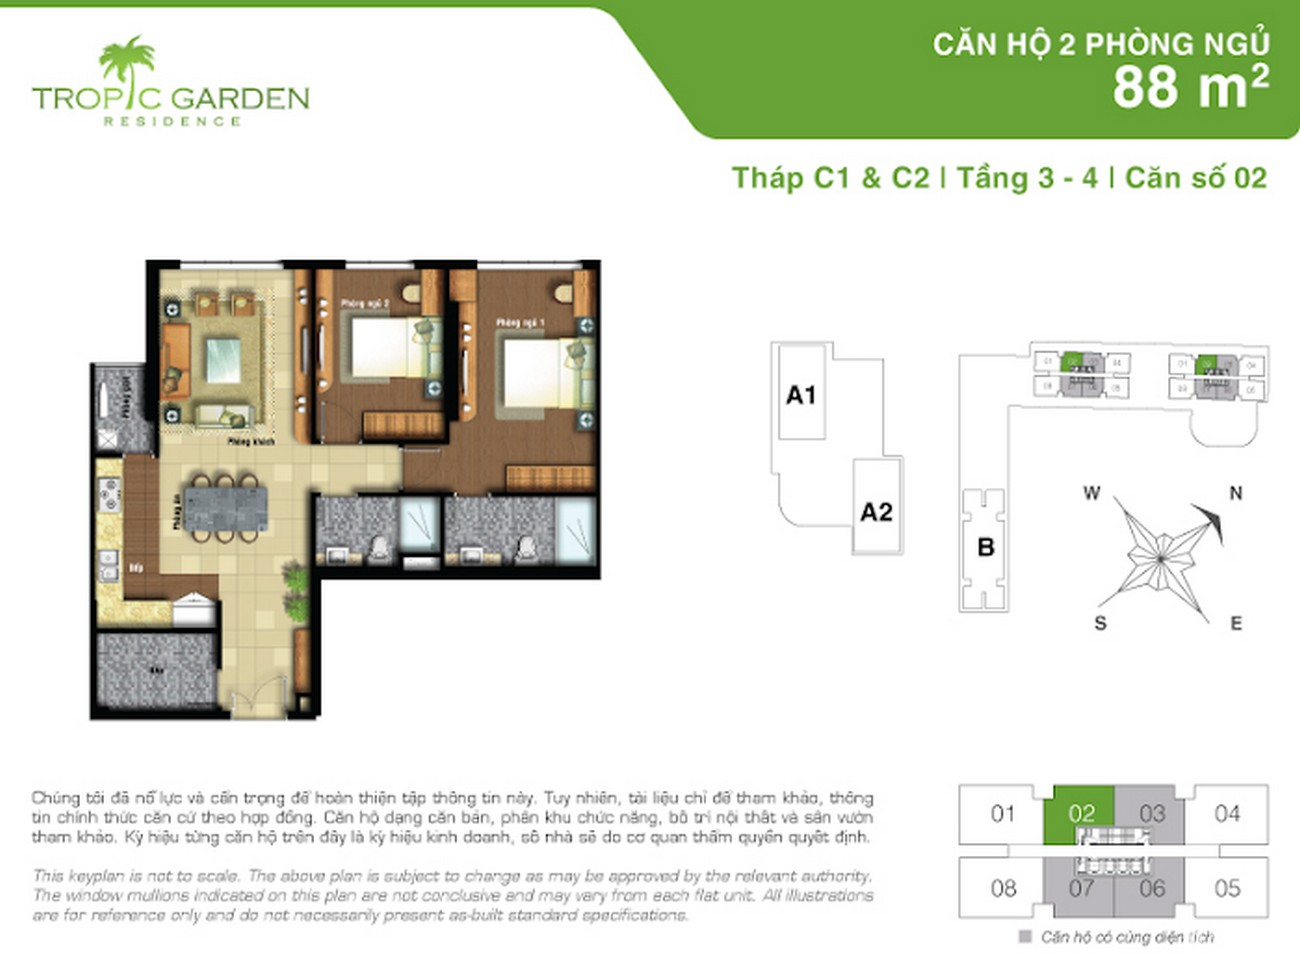 Thiết kế dự án căn hộ chung cư Tropic Garden Quận 2 Đường 66 chủ đầu tư Novaland